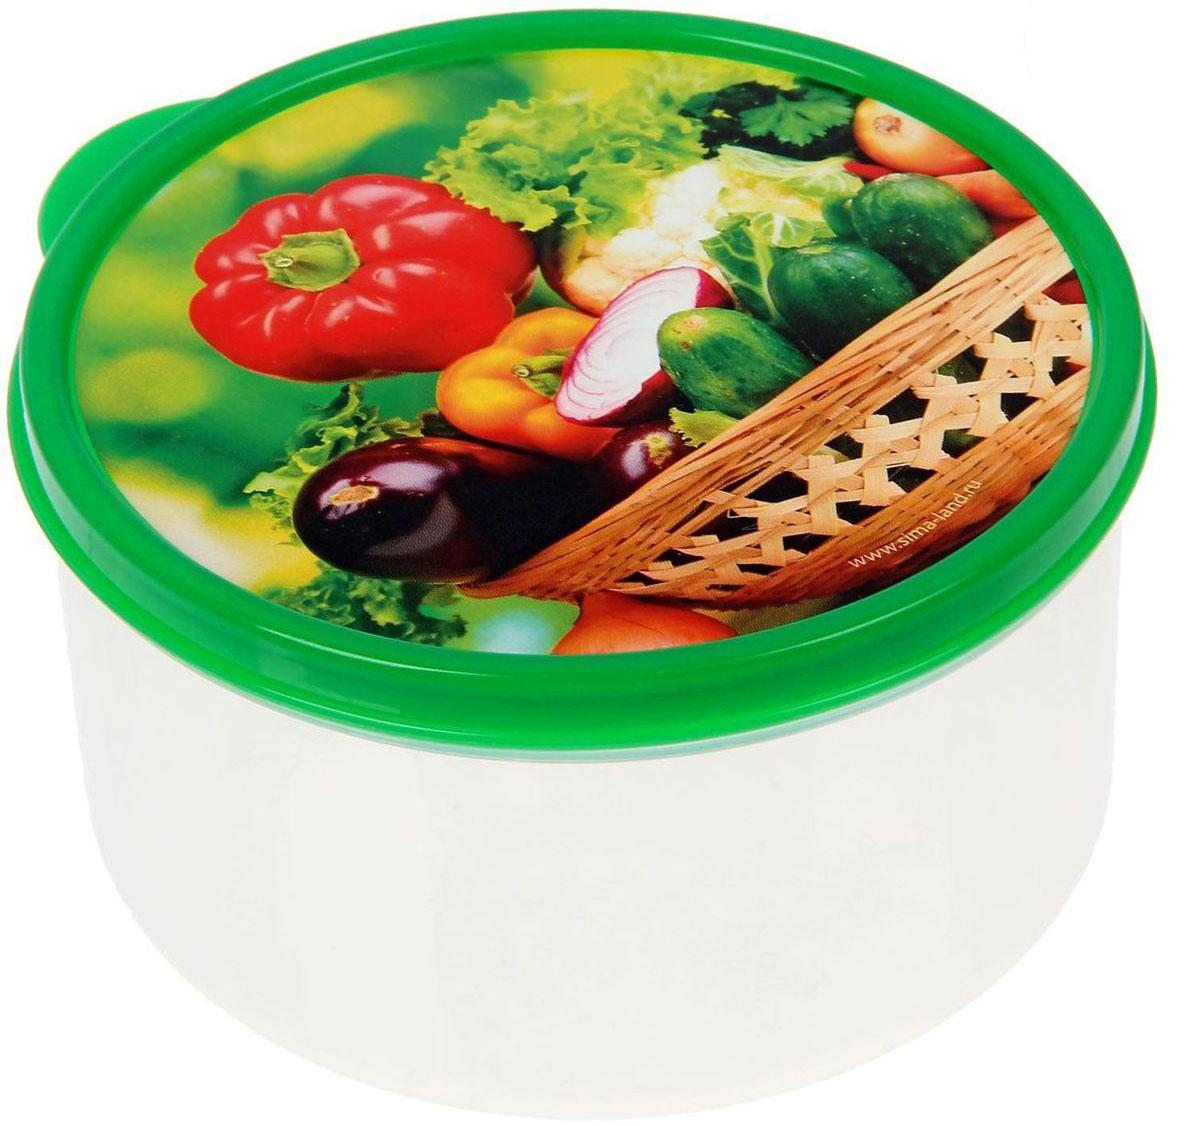 Ланч-бокс Доляна №10, круглый, 500 мл1333899Если после вкусного обеда осталась еда, а насладиться трапезой хочется и на следующий день, ланч-бокс станет отличным решением данной проблемы!Такой контейнер является незаменимым предметом кухонной утвари, ведь у него много преимуществ:Простота ухода. Ланч-бокс достаточно промыть тёплой водой с небольшим количеством чистящего средства, и он снова готов к использованию.Вместительность. Большой выбор форм и объёма поможет разместить разнообразные продукты от сахара до супов.Эргономичность. Ланч-боксы очень легко хранить даже в самой маленькой кухне, так как их можно поставить один в другой по принципу матрёшки.Многофункциональность. Разнообразие цветов и форм делает возможным использование контейнеров не только на кухне, но и в других областях домашнего быта.Любители приготовления обеда на всю семью в большинстве случаев приобретают ланч-боксы наборами, так как это позволяет рассортировать продукты по всевозможным признакам. К тому же контейнеры среднего размера станут незаменимыми помощниками на работе: ведь что может быть приятнее, чем порадовать себя во время обеда прекрасной едой, заботливо сохранённой в контейнере?В качестве материала для изготовления используется пластик, что делает процесс ухода за контейнером ещё более эффективным. К каждому ланч-боксу в комплекте также прилагается крышка подходящего размера, это позволяет плотно и надёжно удерживать запах еды и упрощает процесс транспортировки.Однако рекомендуется соблюдать и меры предосторожности: не использовать пластиковые контейнеры в духовых шкафах и на открытом огне, а также не разогревать в микроволновых печах при закрытой крышке ланч-бокса. Соблюдение мер безопасности позволит продлить срок эксплуатации и сохранить отличный внешний вид изделия.Эргономичный дизайн и многофункциональность таких контейнеров — вот, что является причиной большой популярности данного предмета у каждой хозяйки. А в преддверии лета и дачного сезона такое приобретение позволит подня